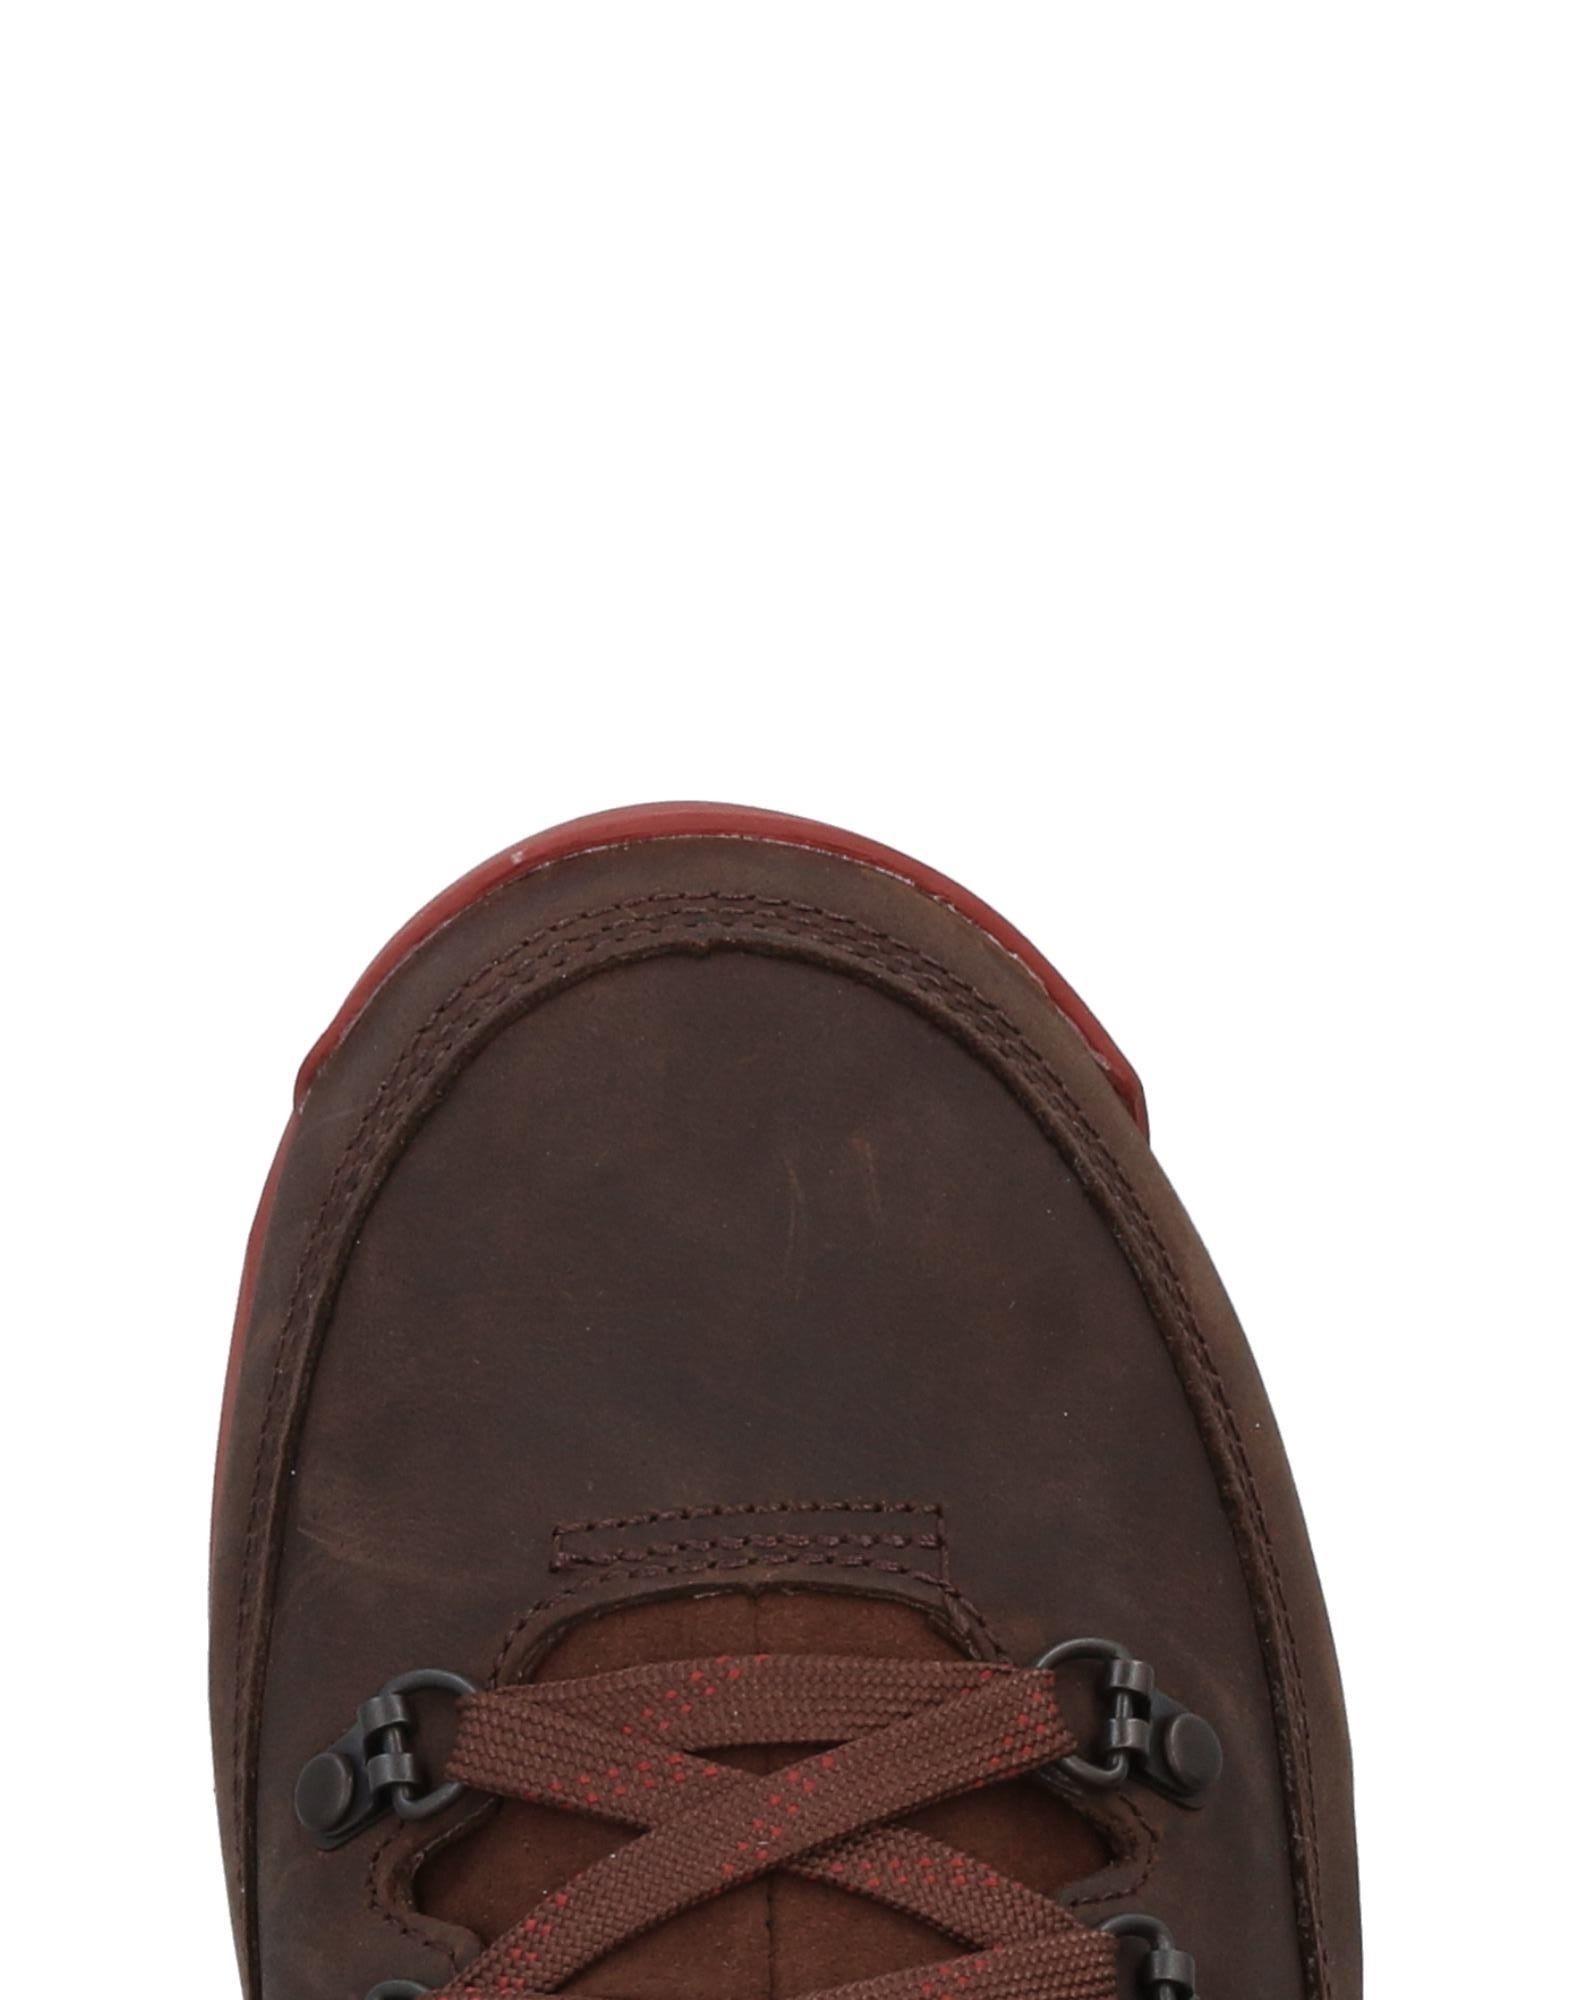 The North Face M B2b Redux Trans Waterproof Shoes  Schuhe 11334913VL Gute Qualität beliebte Schuhe  a86729